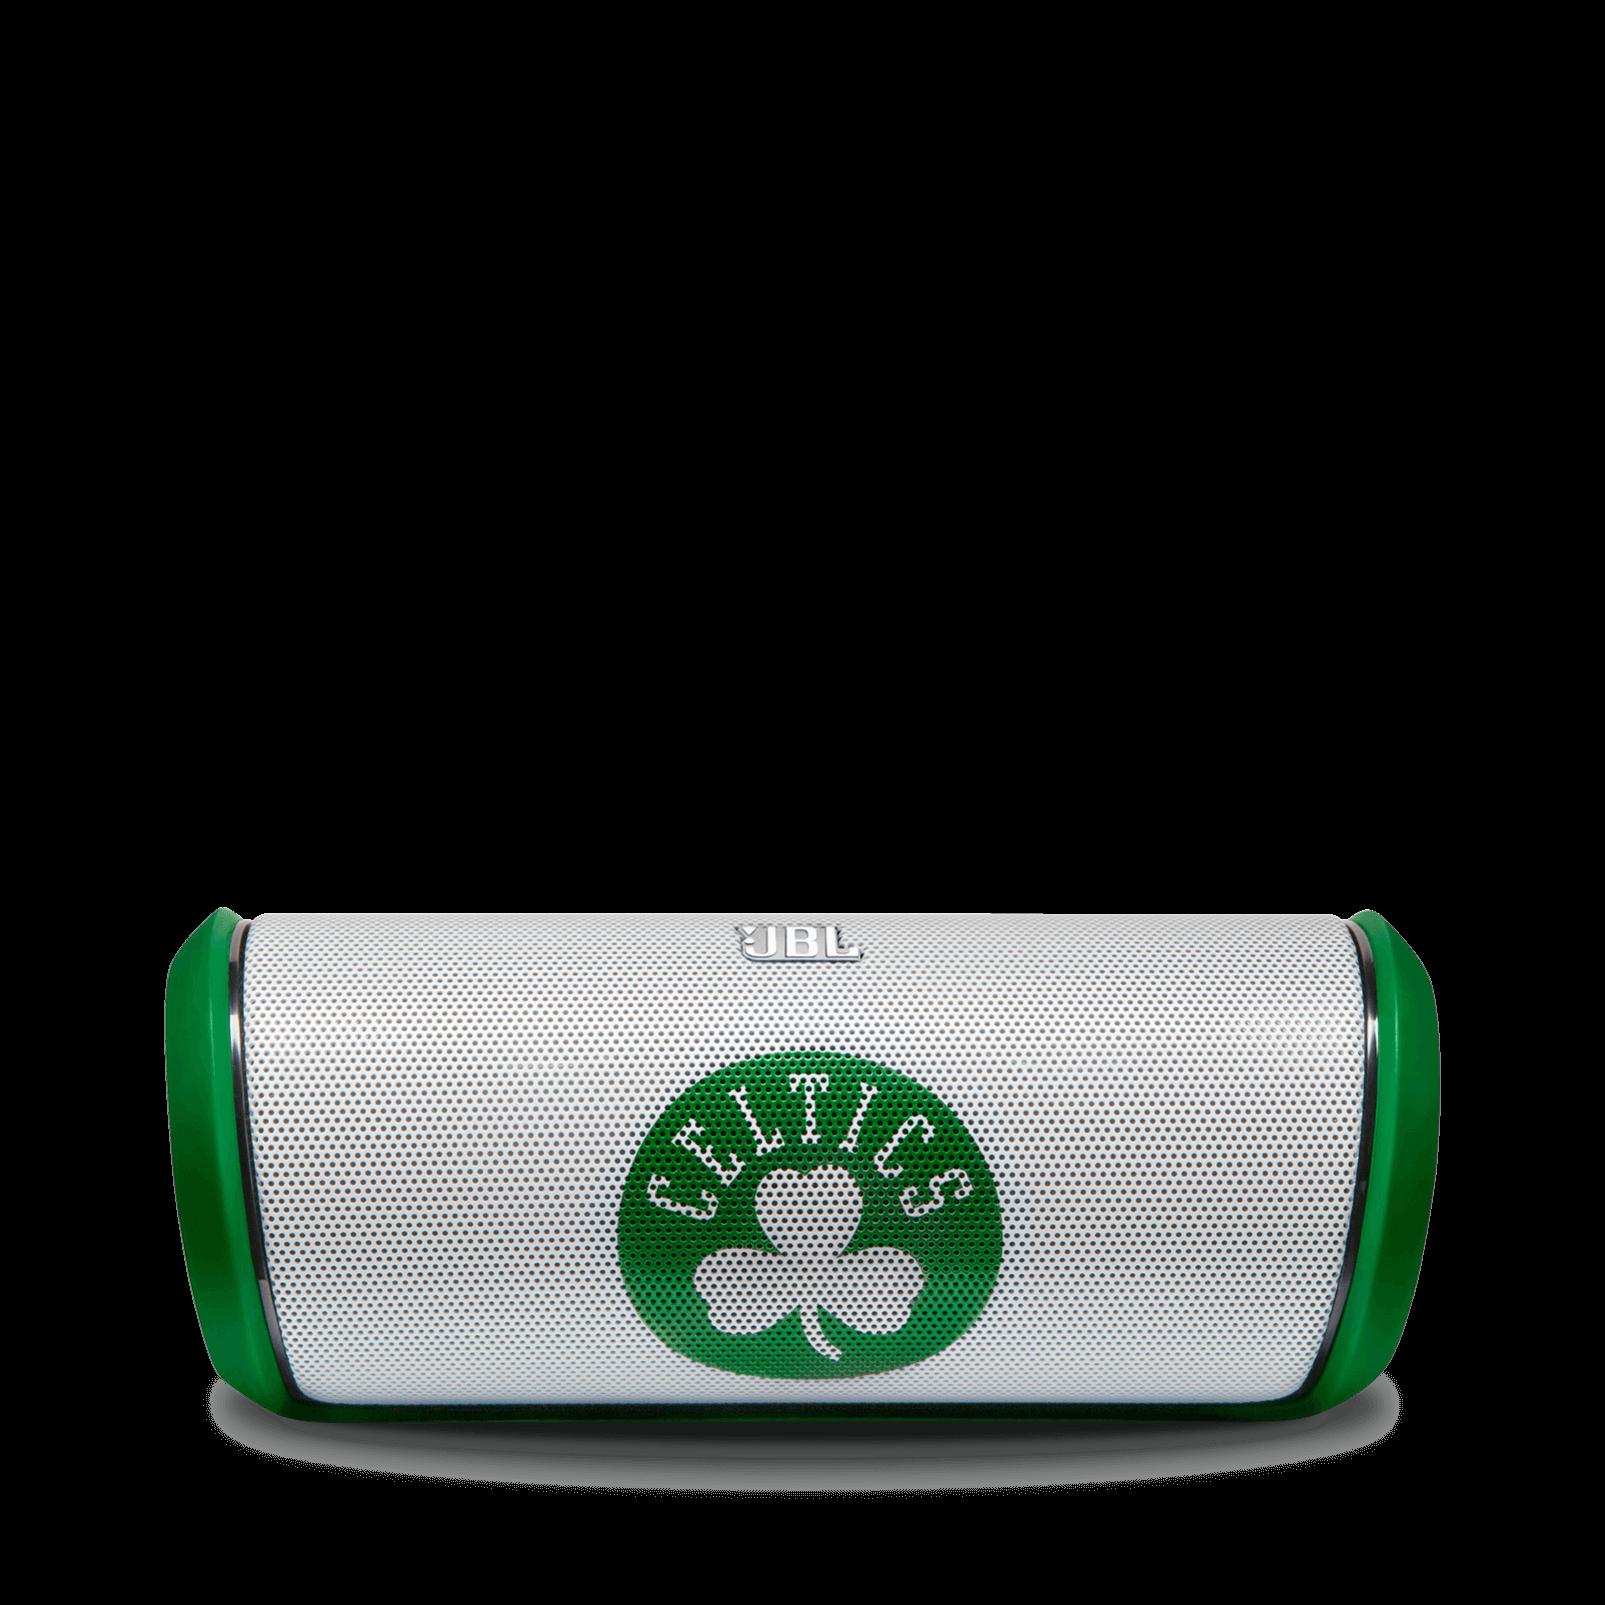 jbl bluetooth speakers - Boston celtics 10